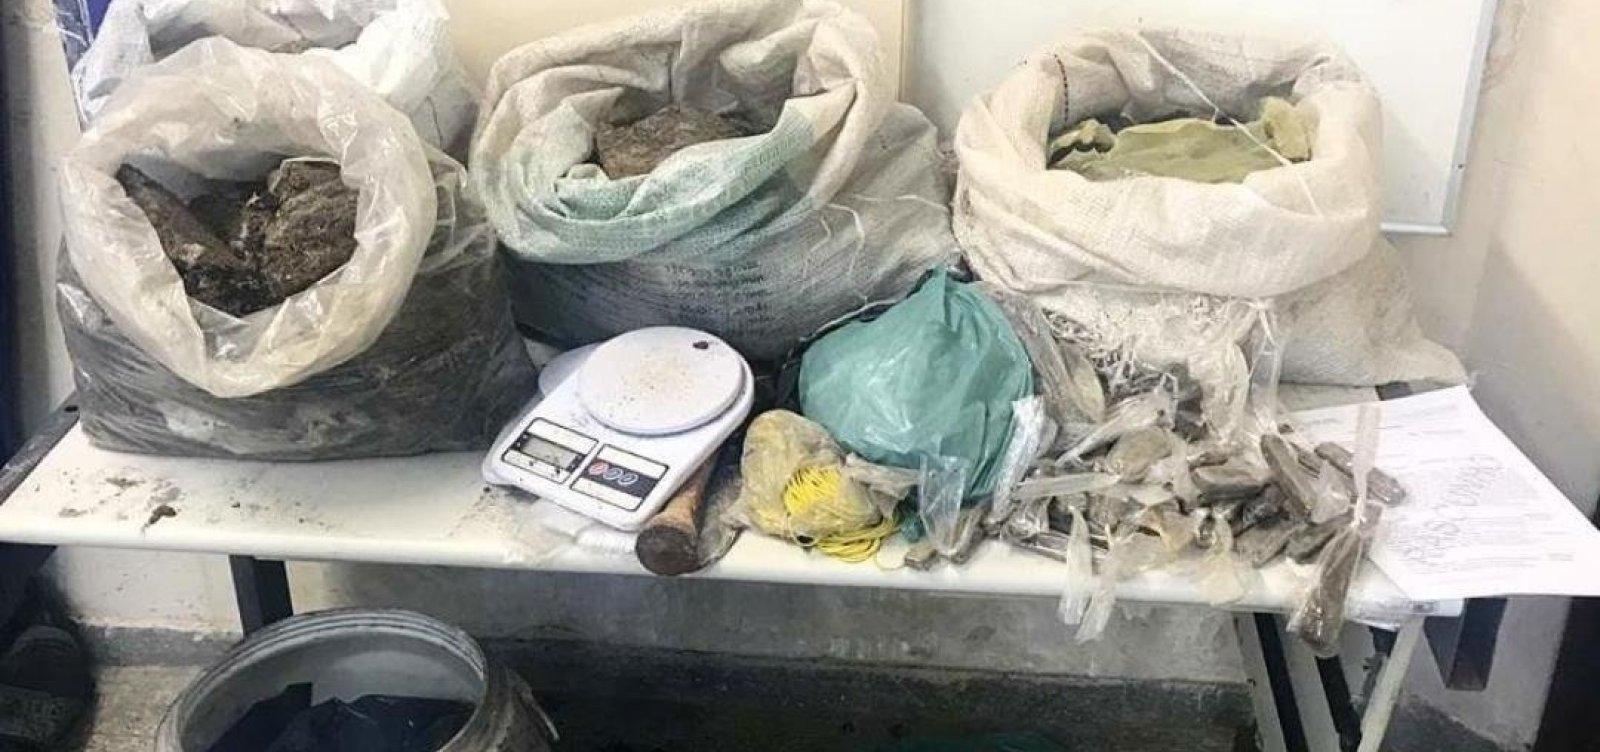 60 kg de maconha são achados enterrados em Abrantes